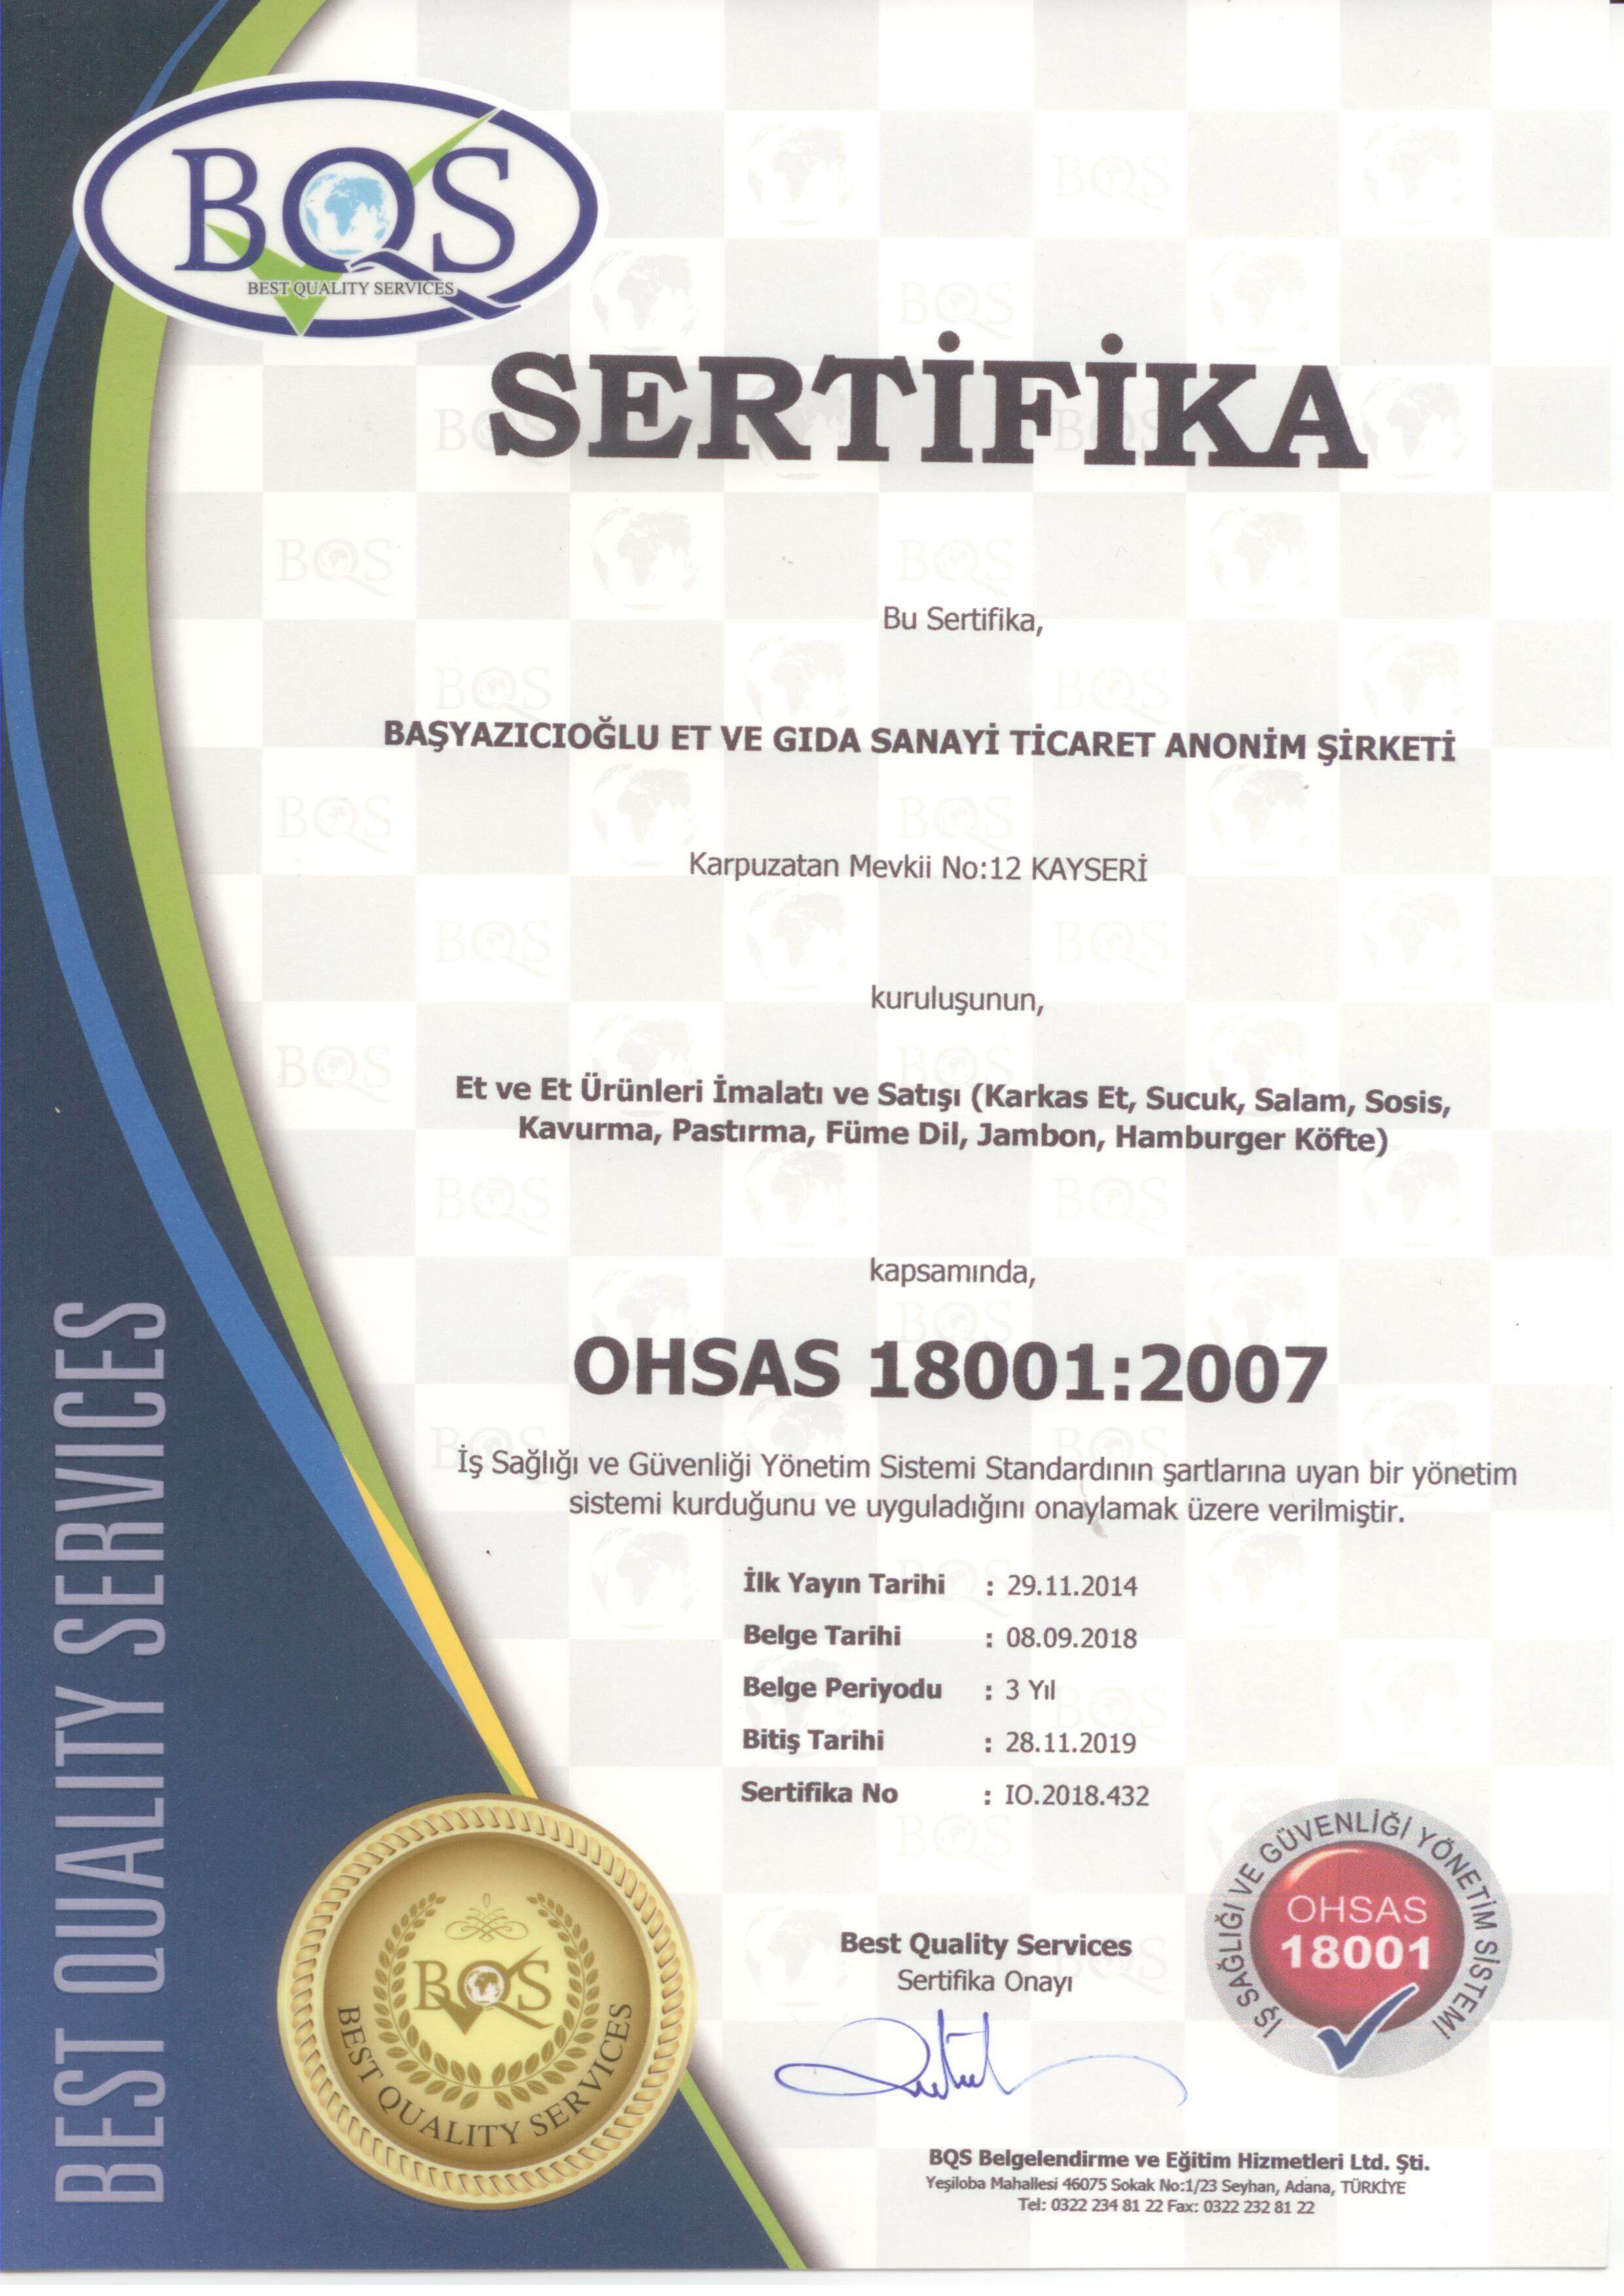 OHSAS_18001.jpg (576 KB)